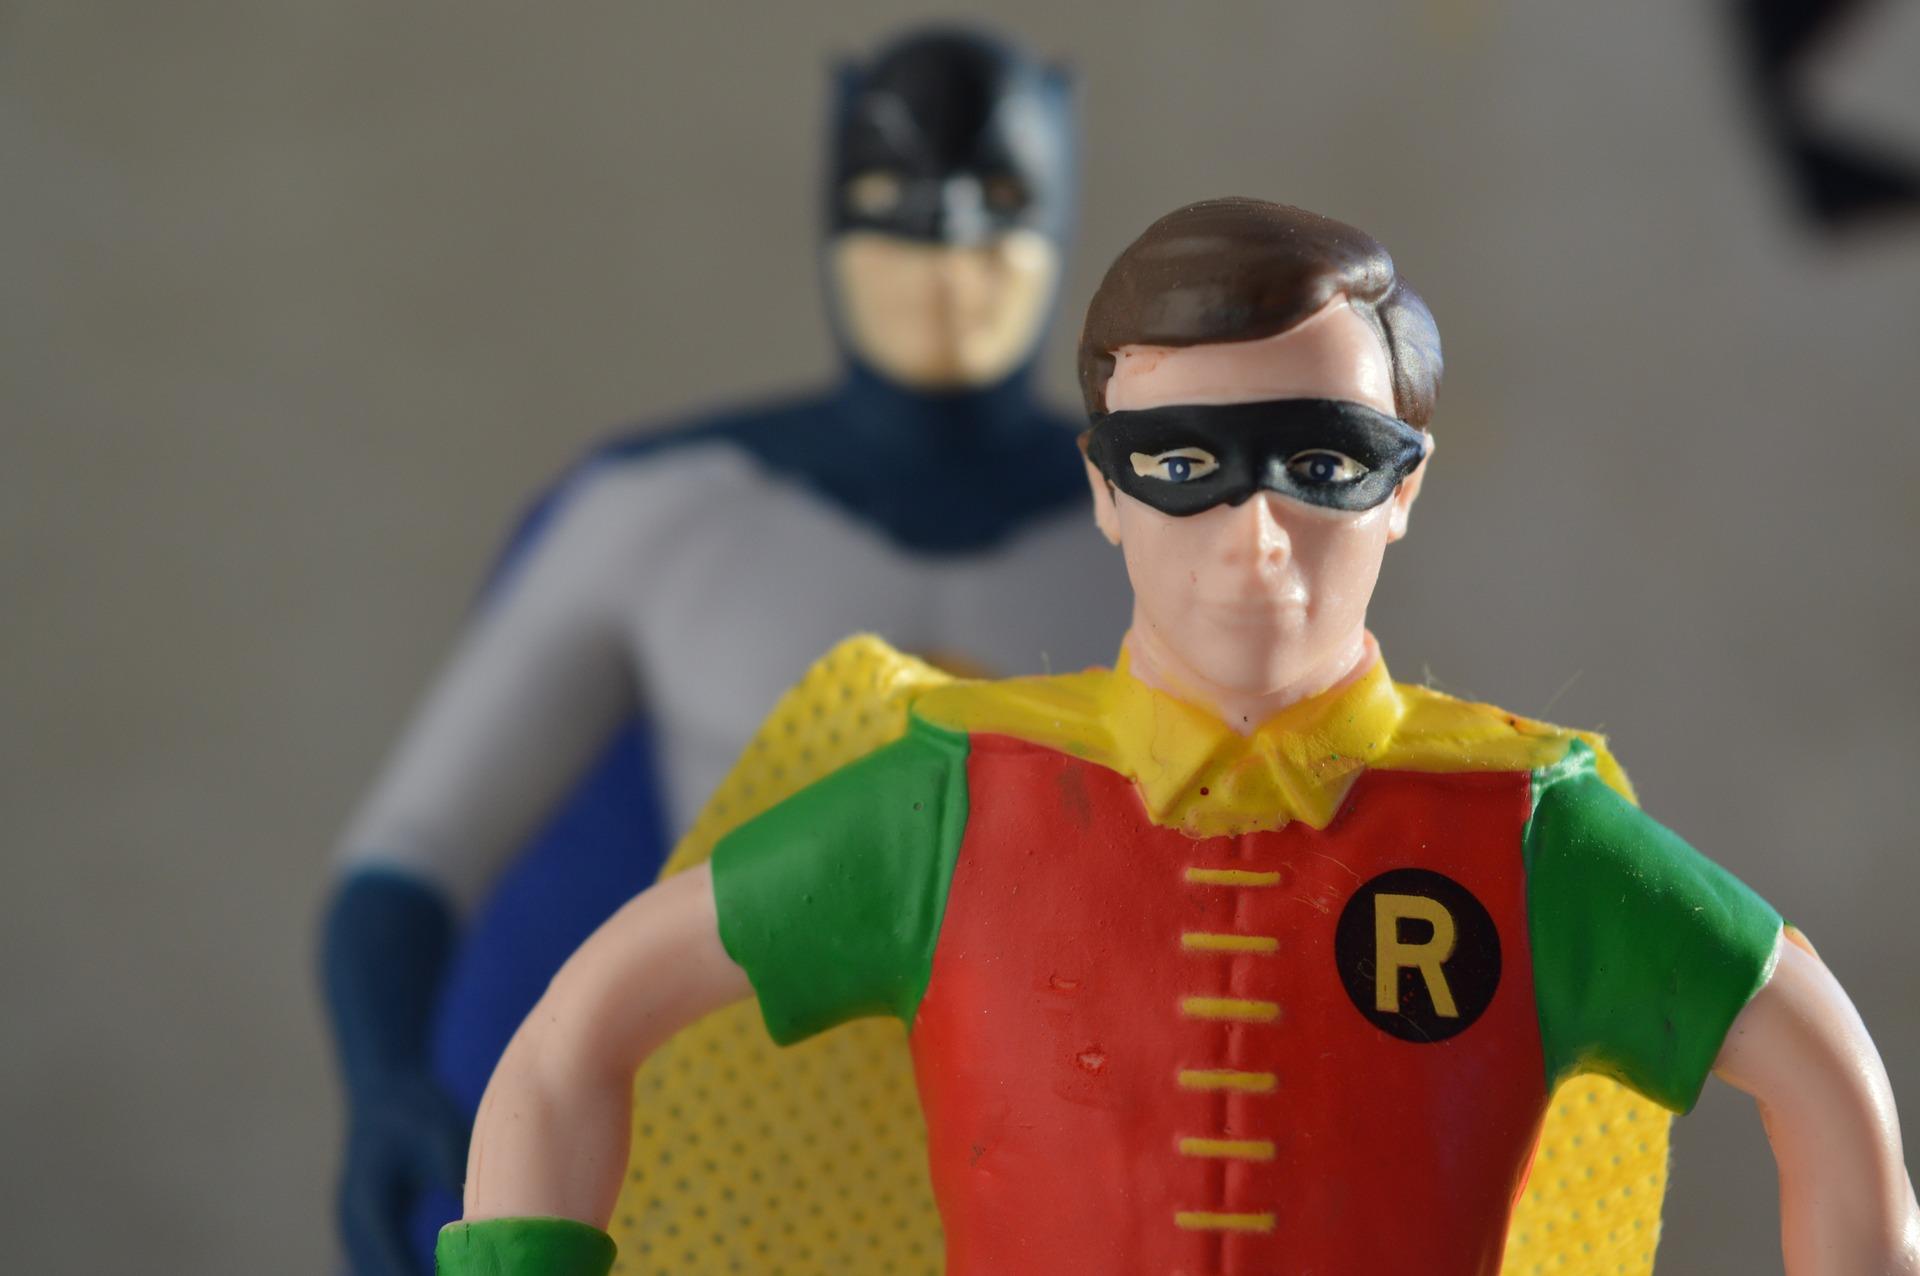 Assistente Virtuale: perchè anche i Supereroi hanno il loro braccio destro :)